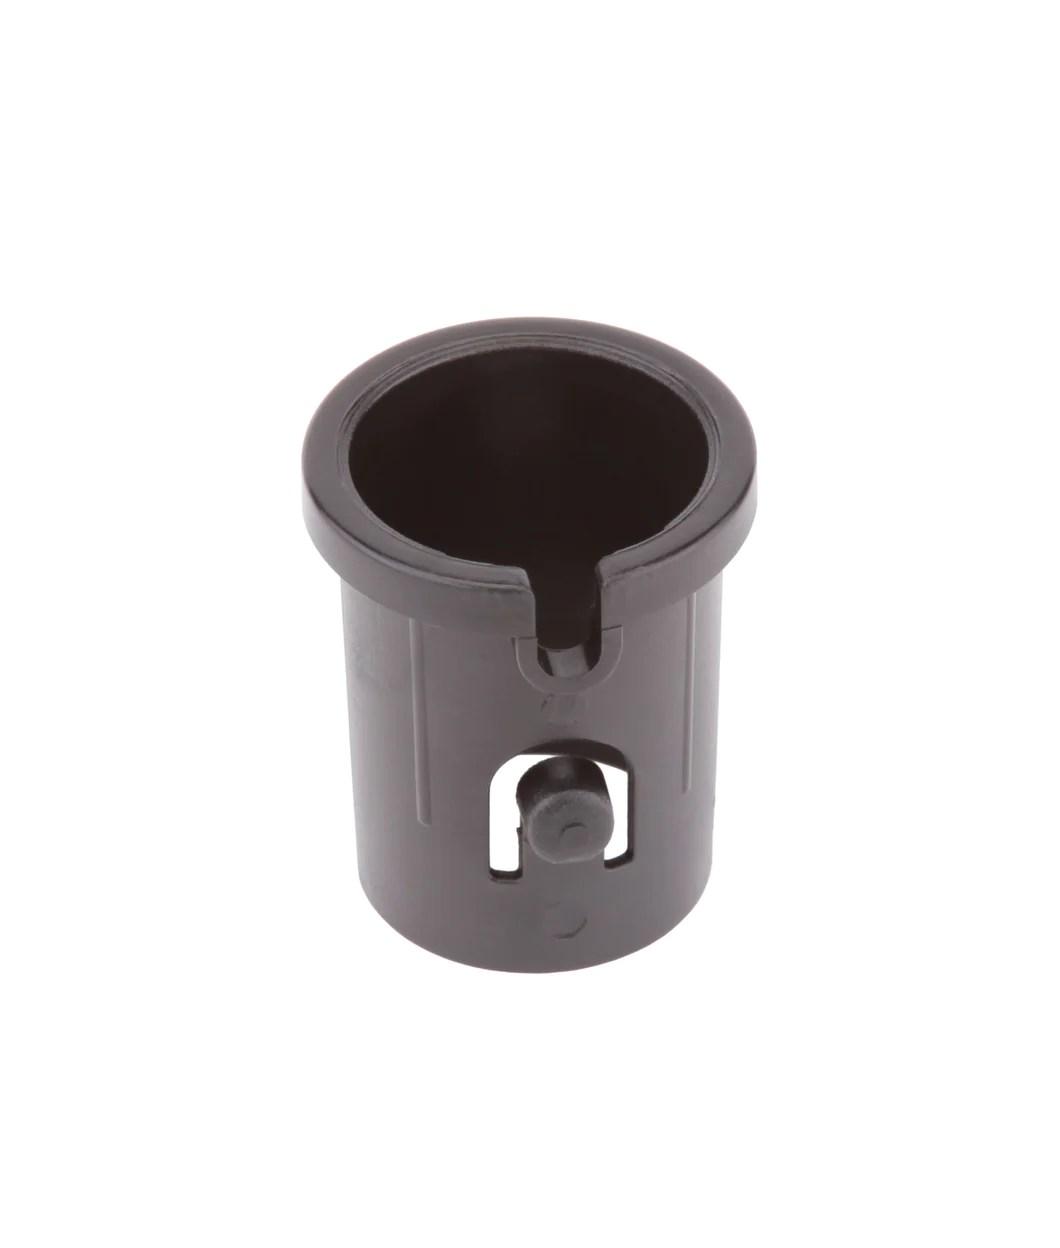 shpf bsh single handle pullout faucet